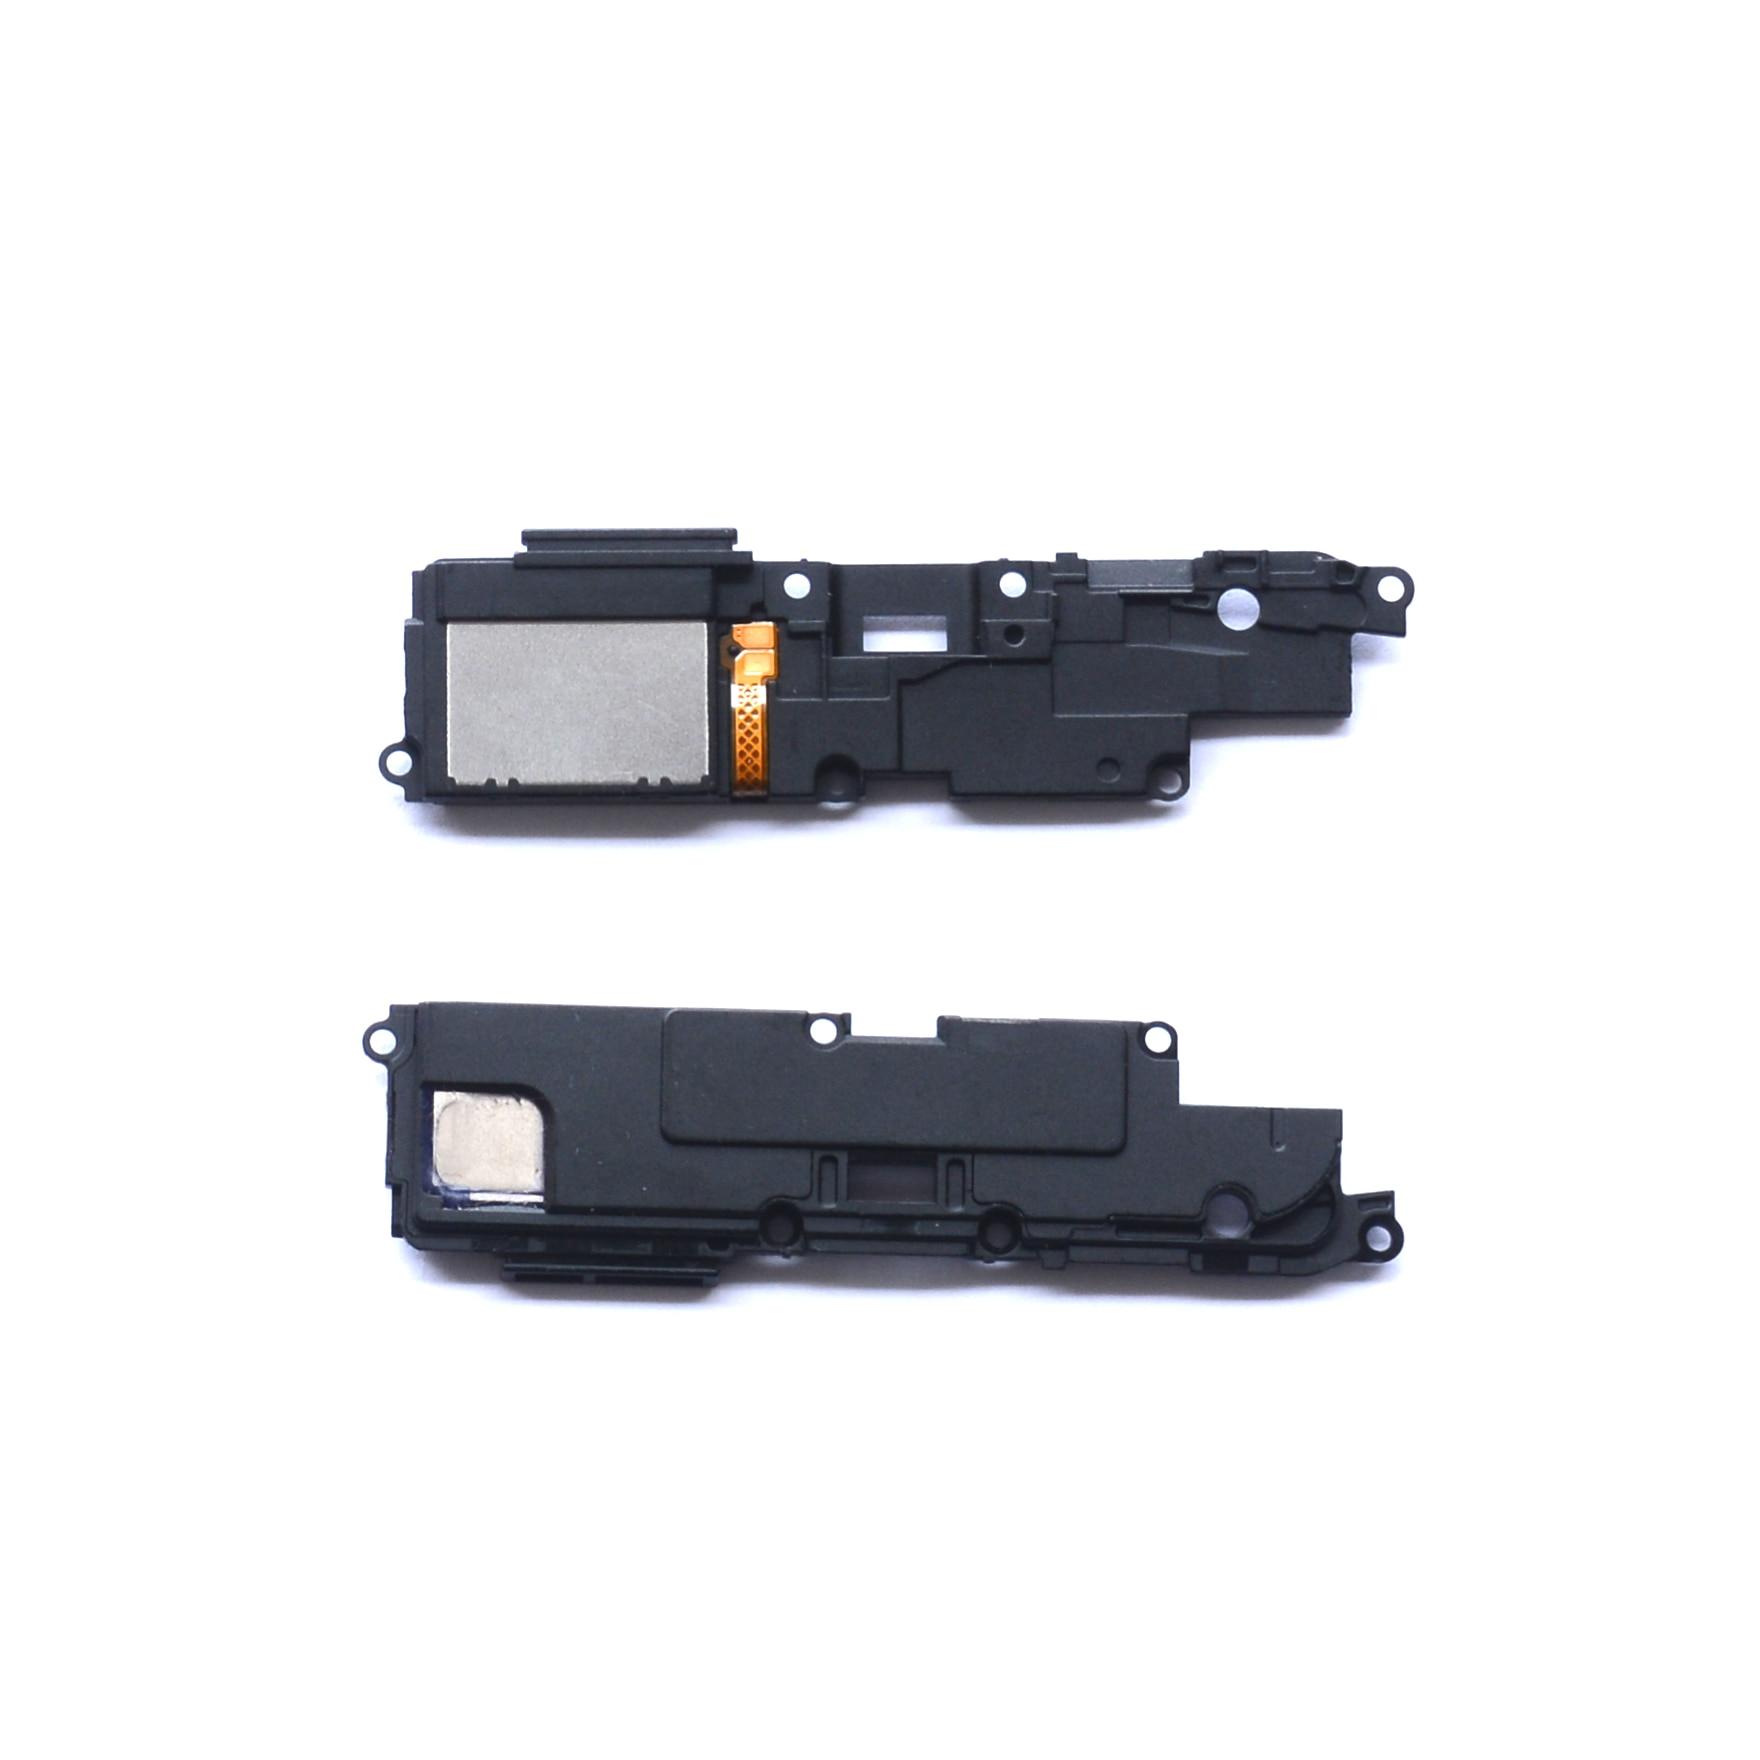 Loud Speaker Loudspeaker Buzzer Ringer Flex Cable Accessory Bundles For ZTE Nubia Z11 Mini S NX549j Accessory Bundles